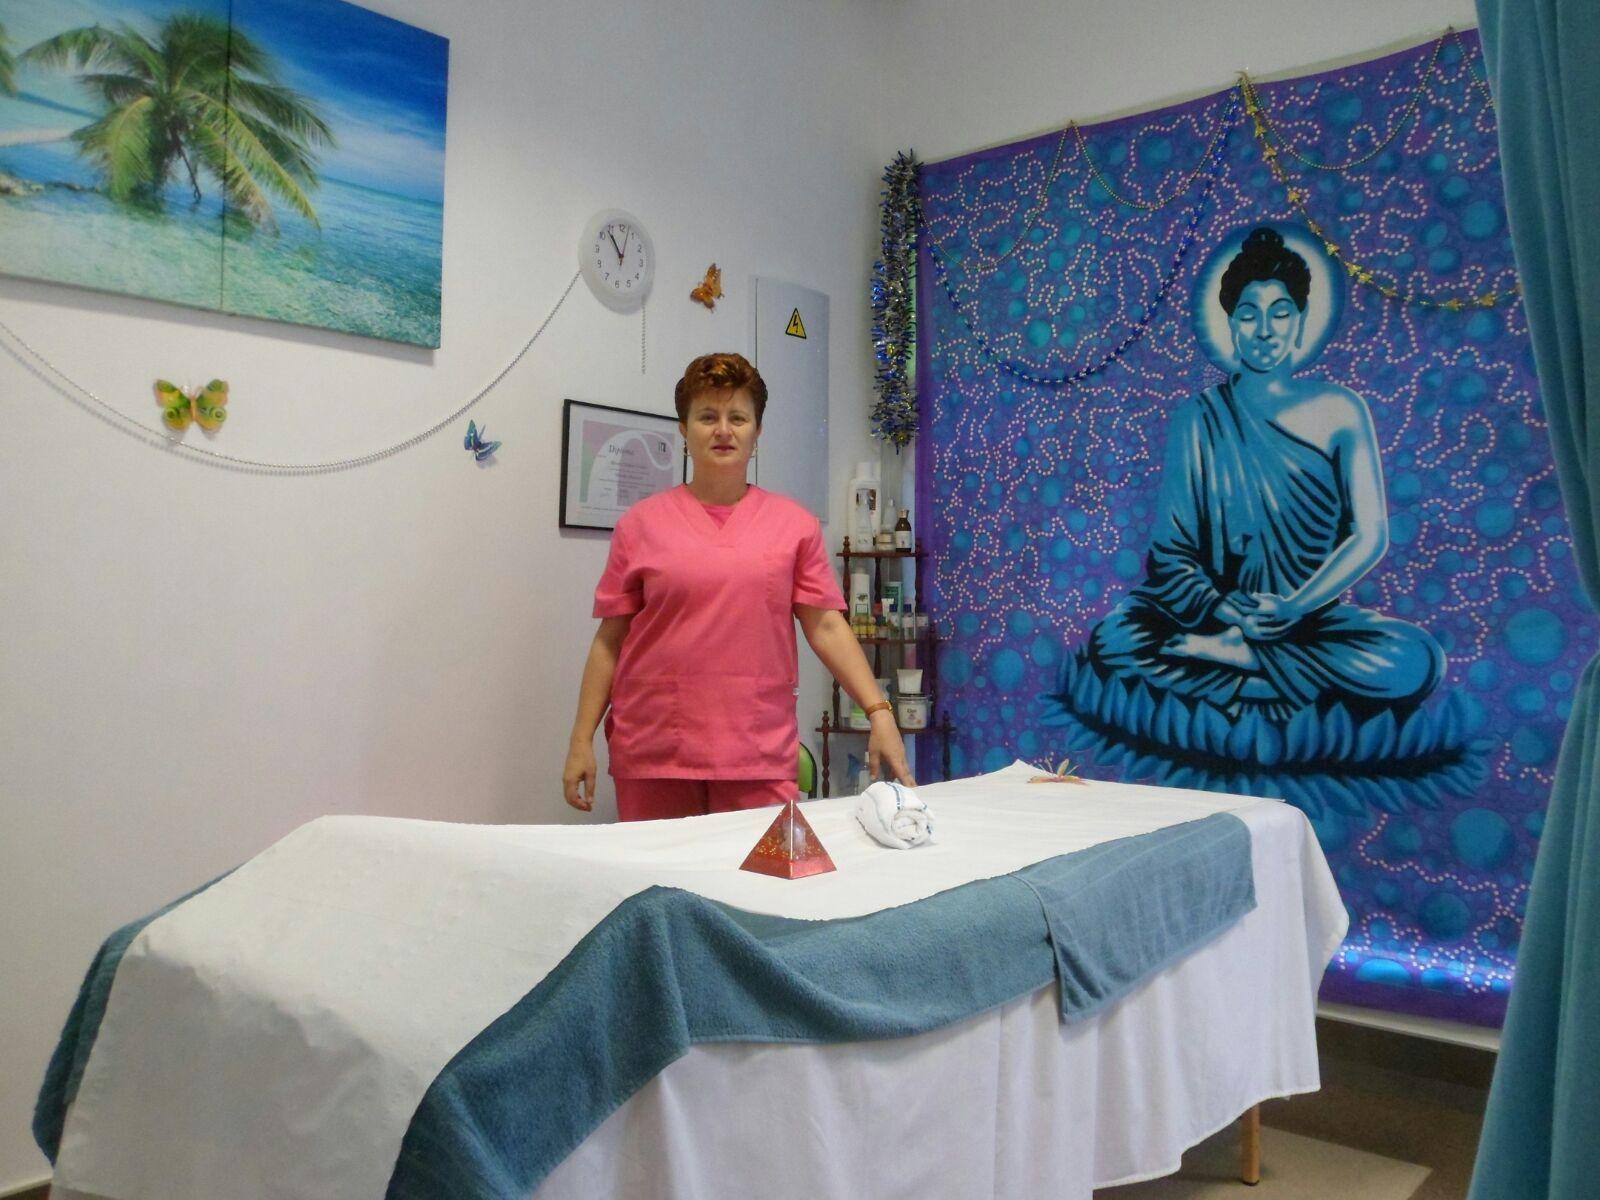 Centro de masajes terapéuticos en Las Palmas